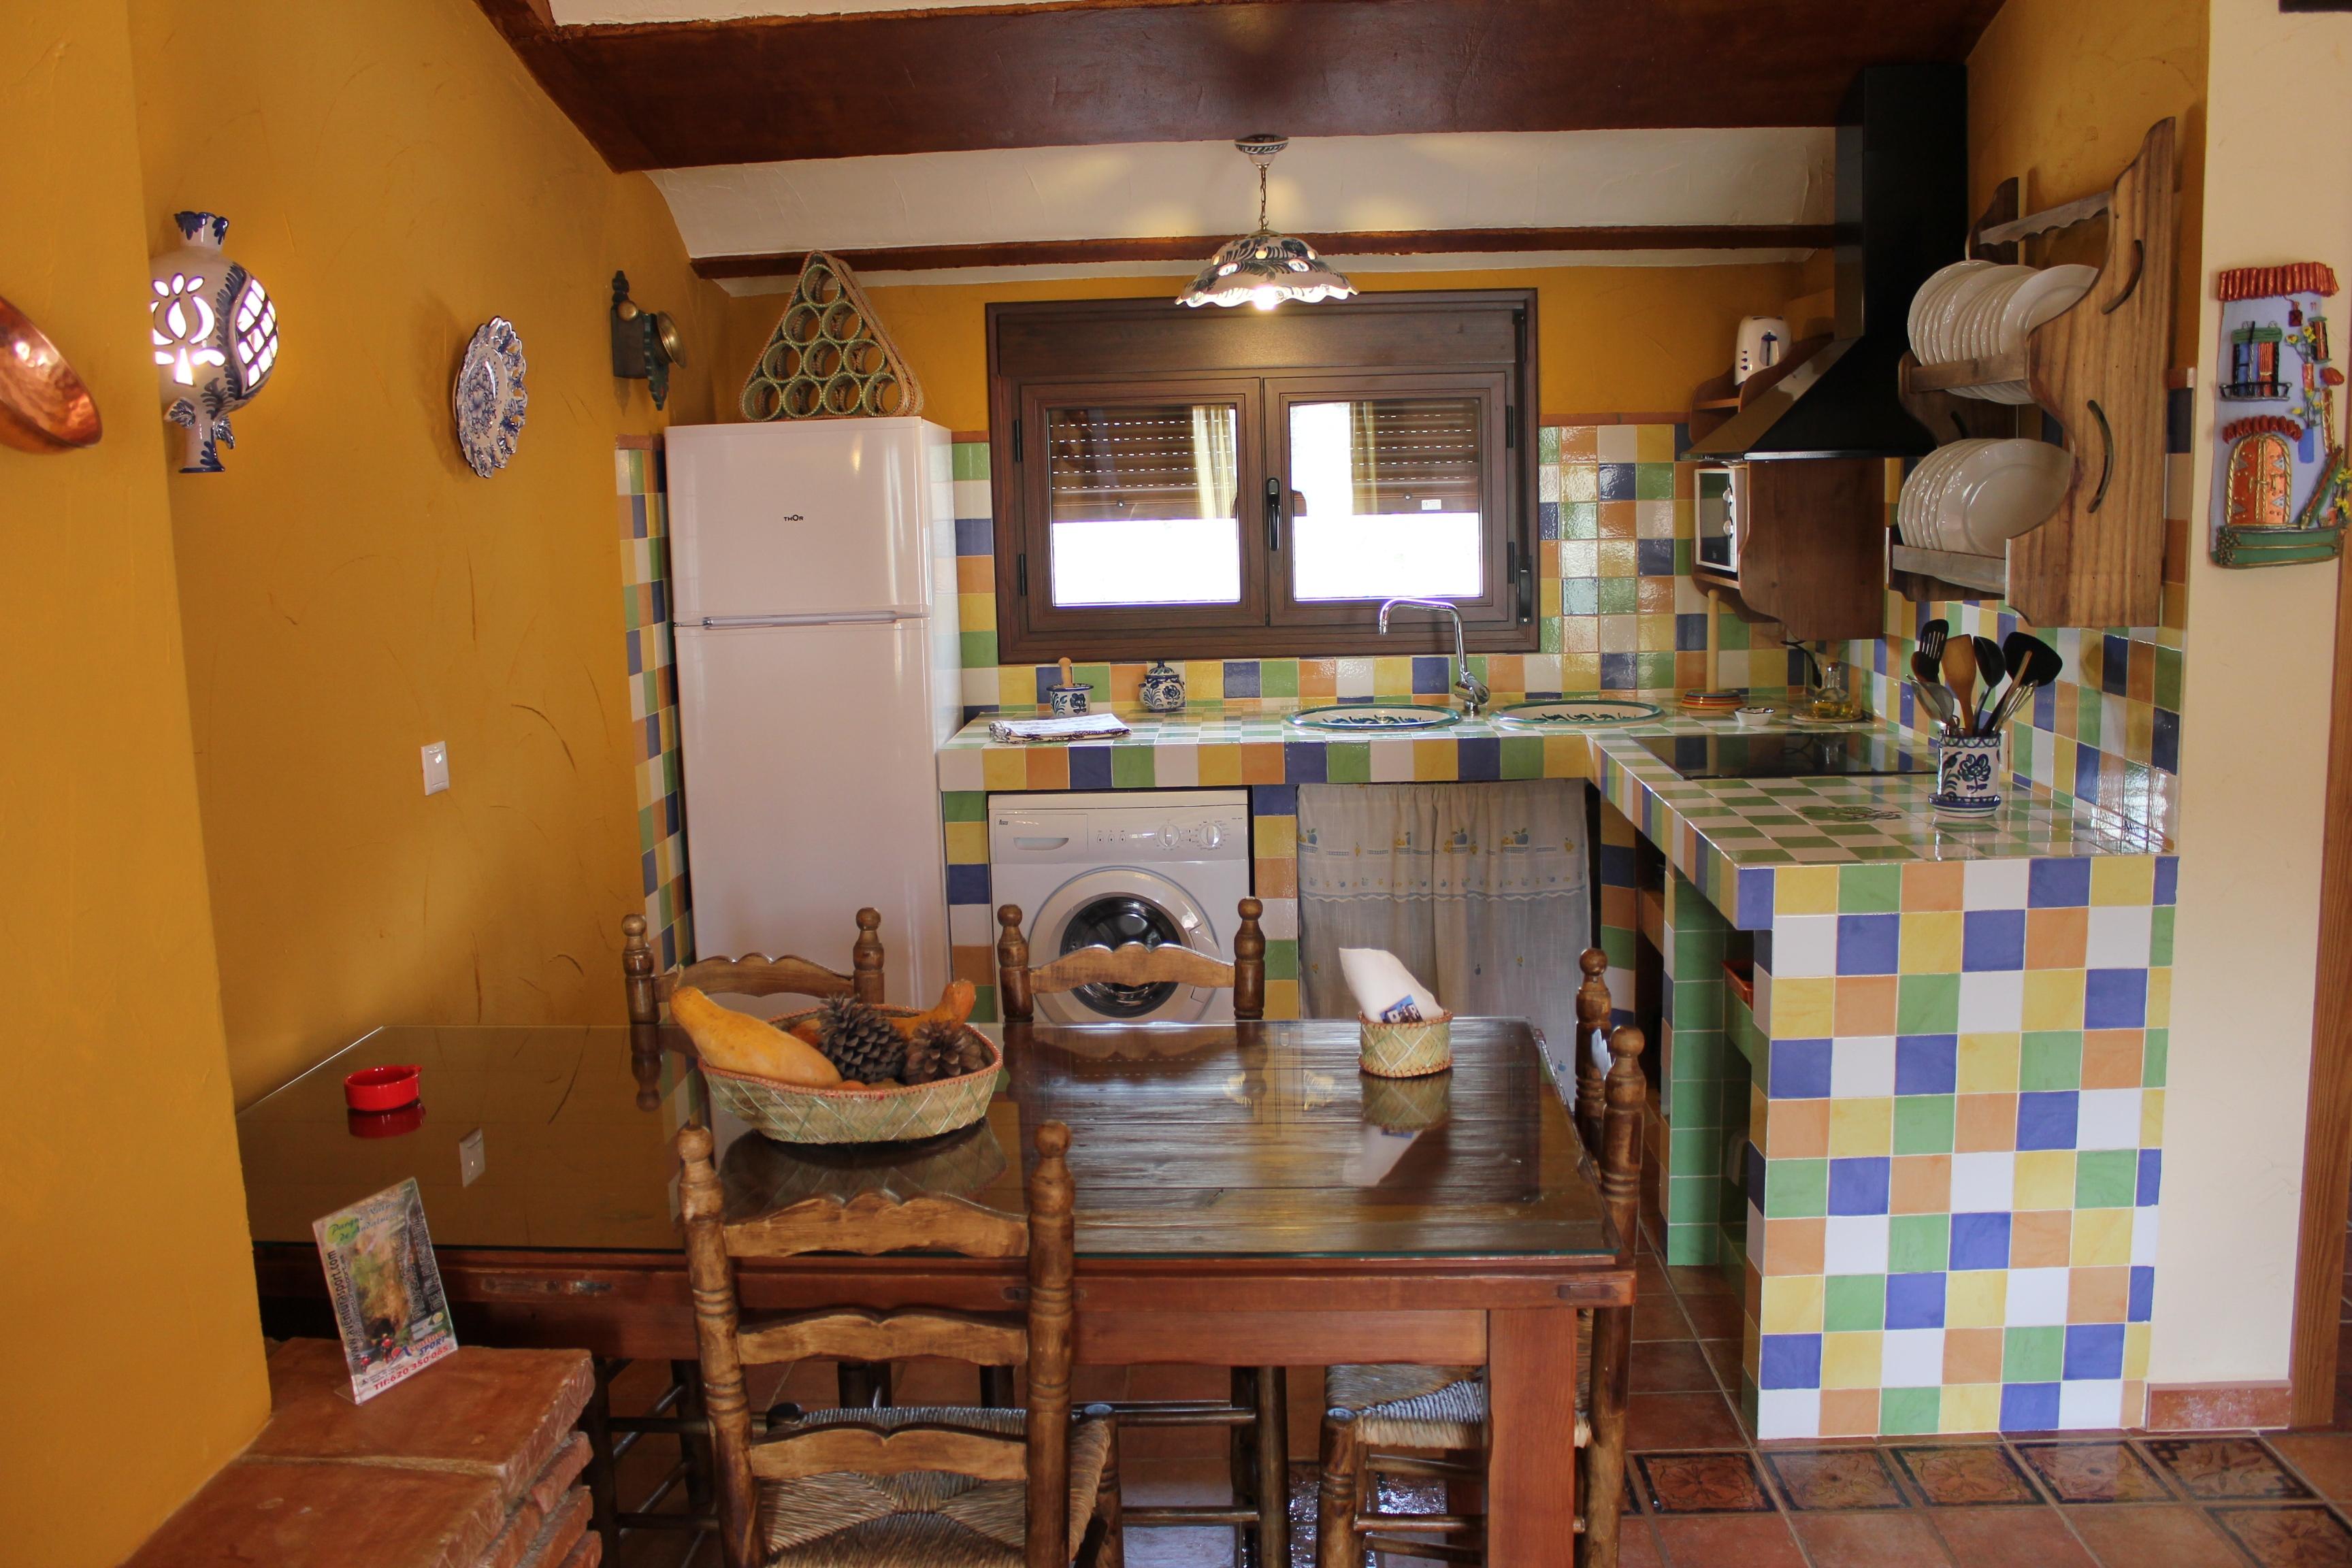 Casa la alacena hinojares sierra de cazorla ruralcazorla - La cocina en casa ...